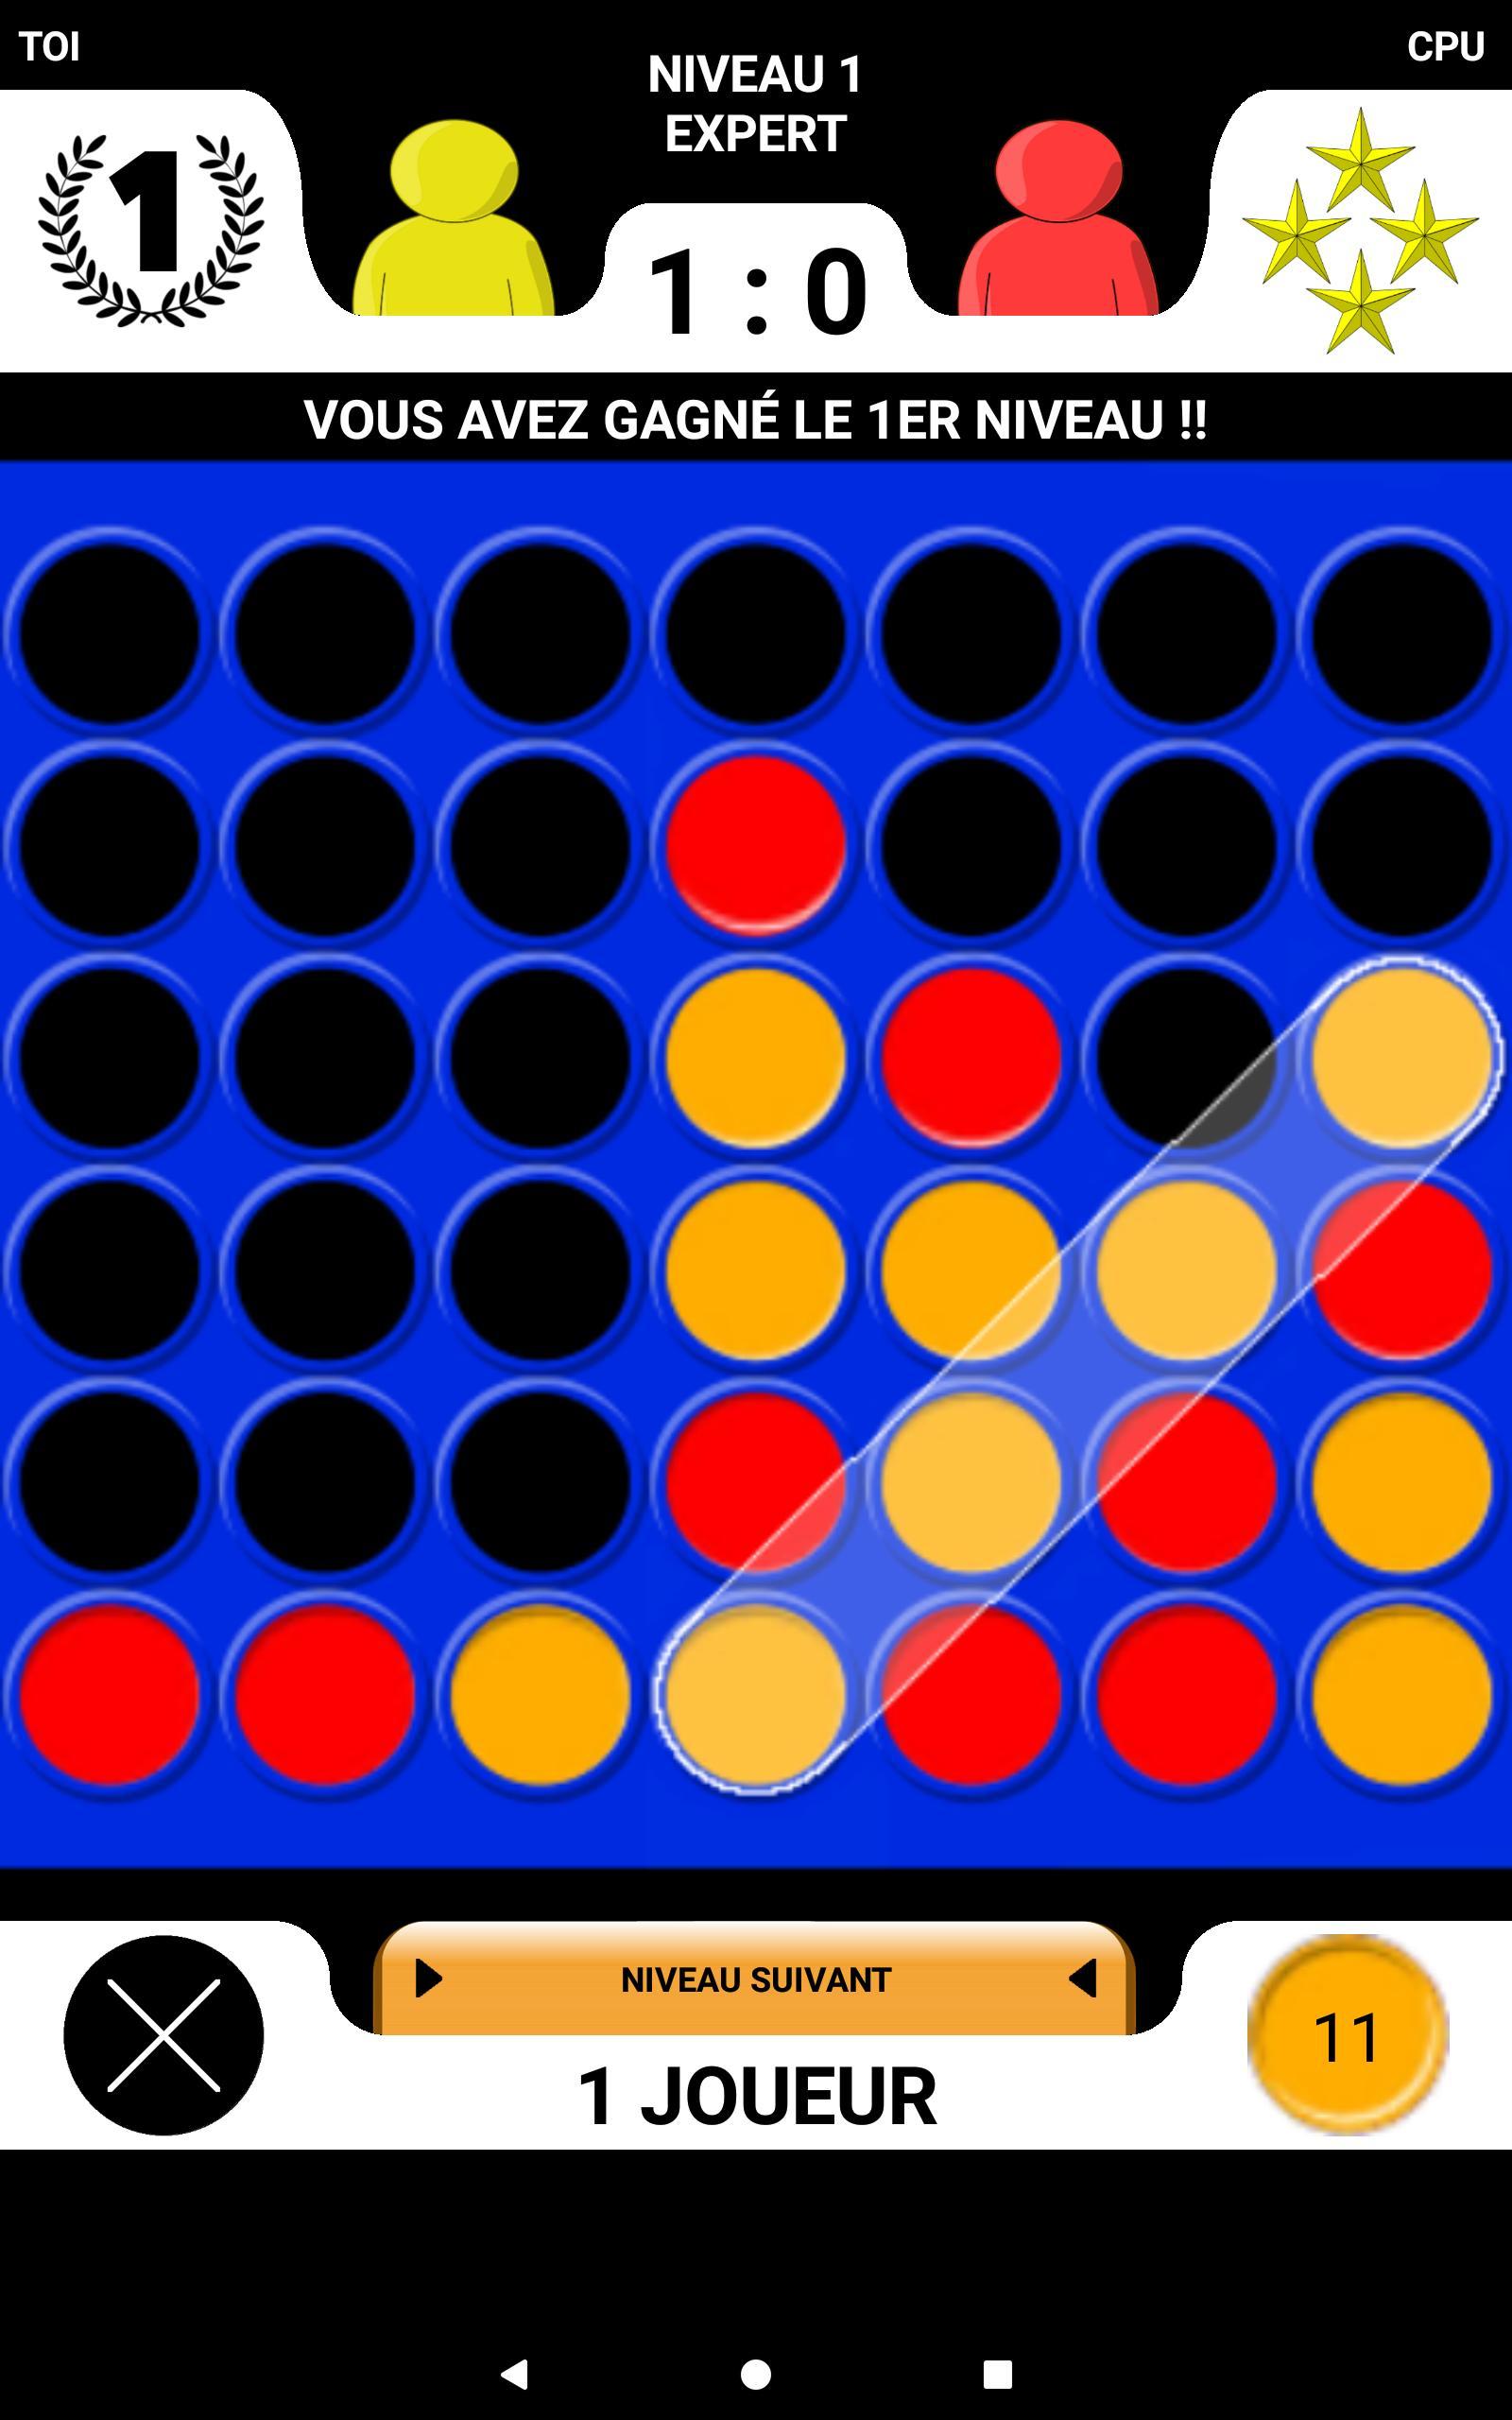 4 En Ligne - Le Jeu De Société Pour 2 Joueurs Pour Android encequiconcerne Jeux Gratuit Puissance 4